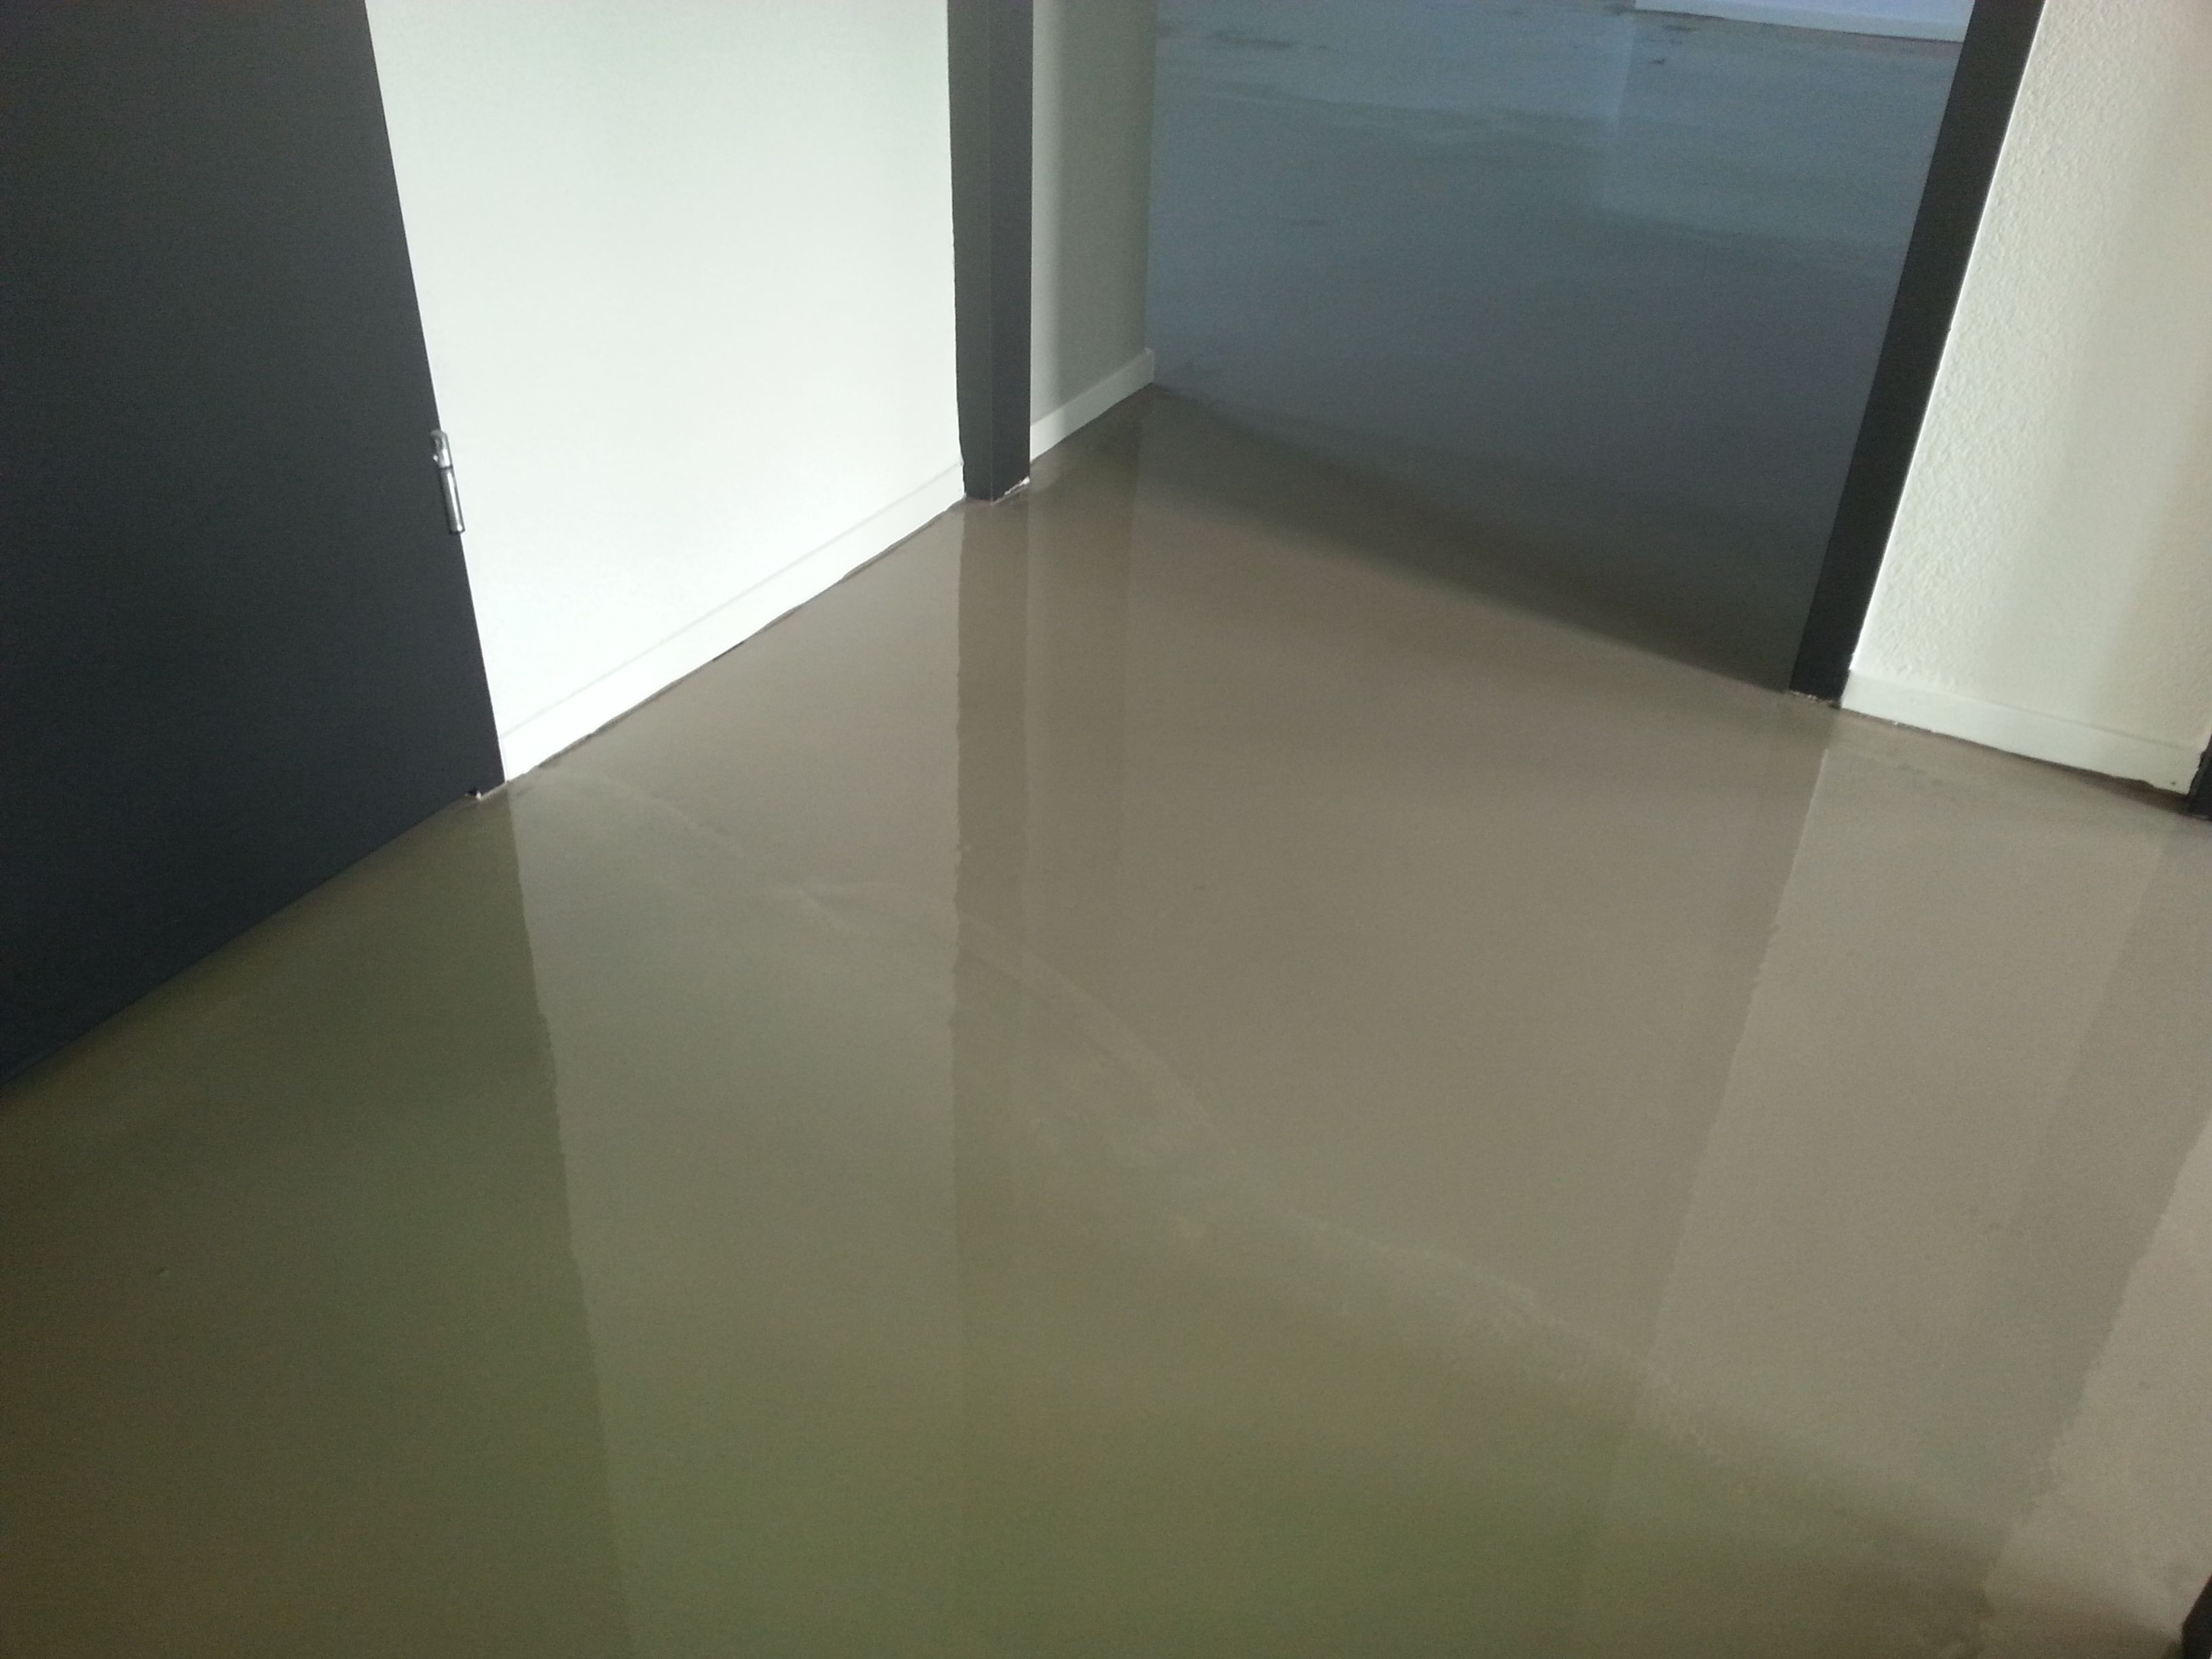 egaliseren van een betonnen vloer egaliseren pinterest van